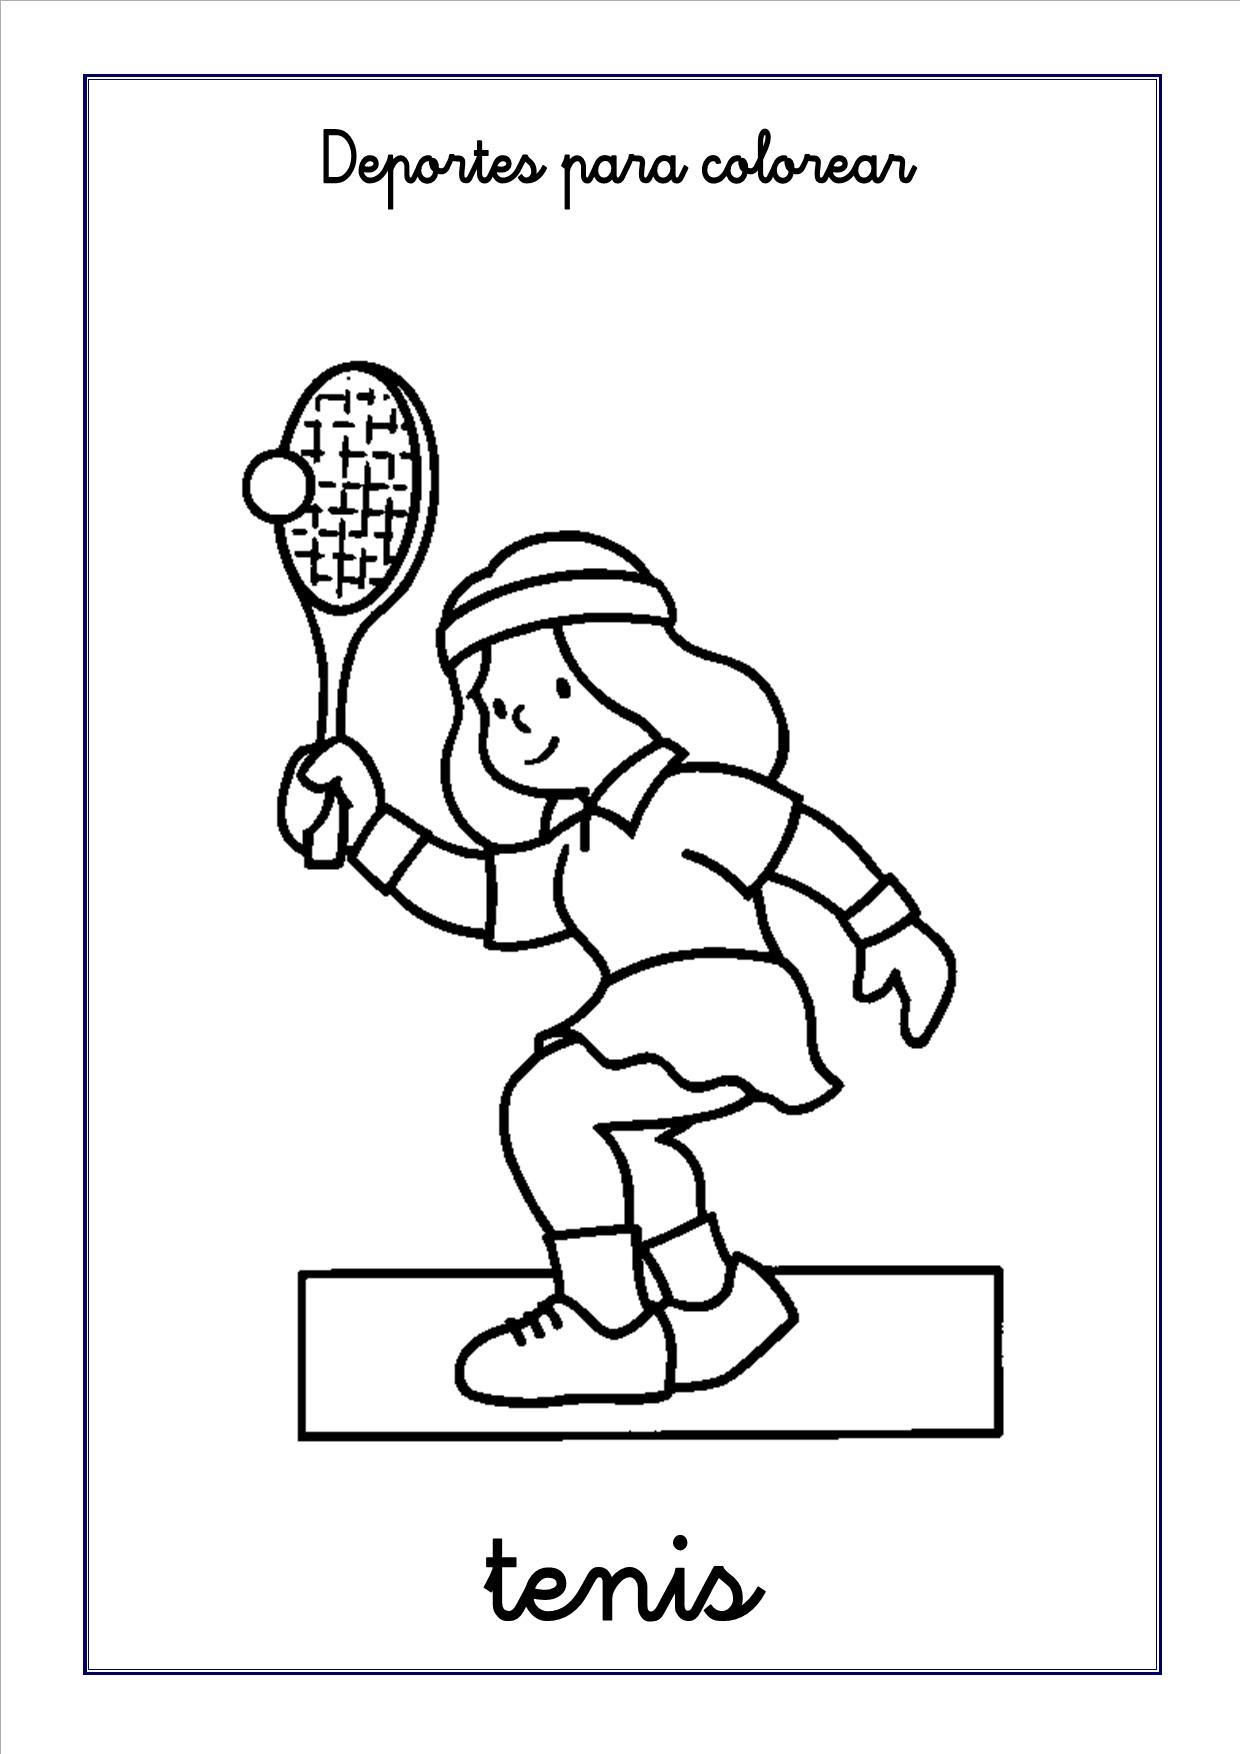 Dibujos de deportes para colorear